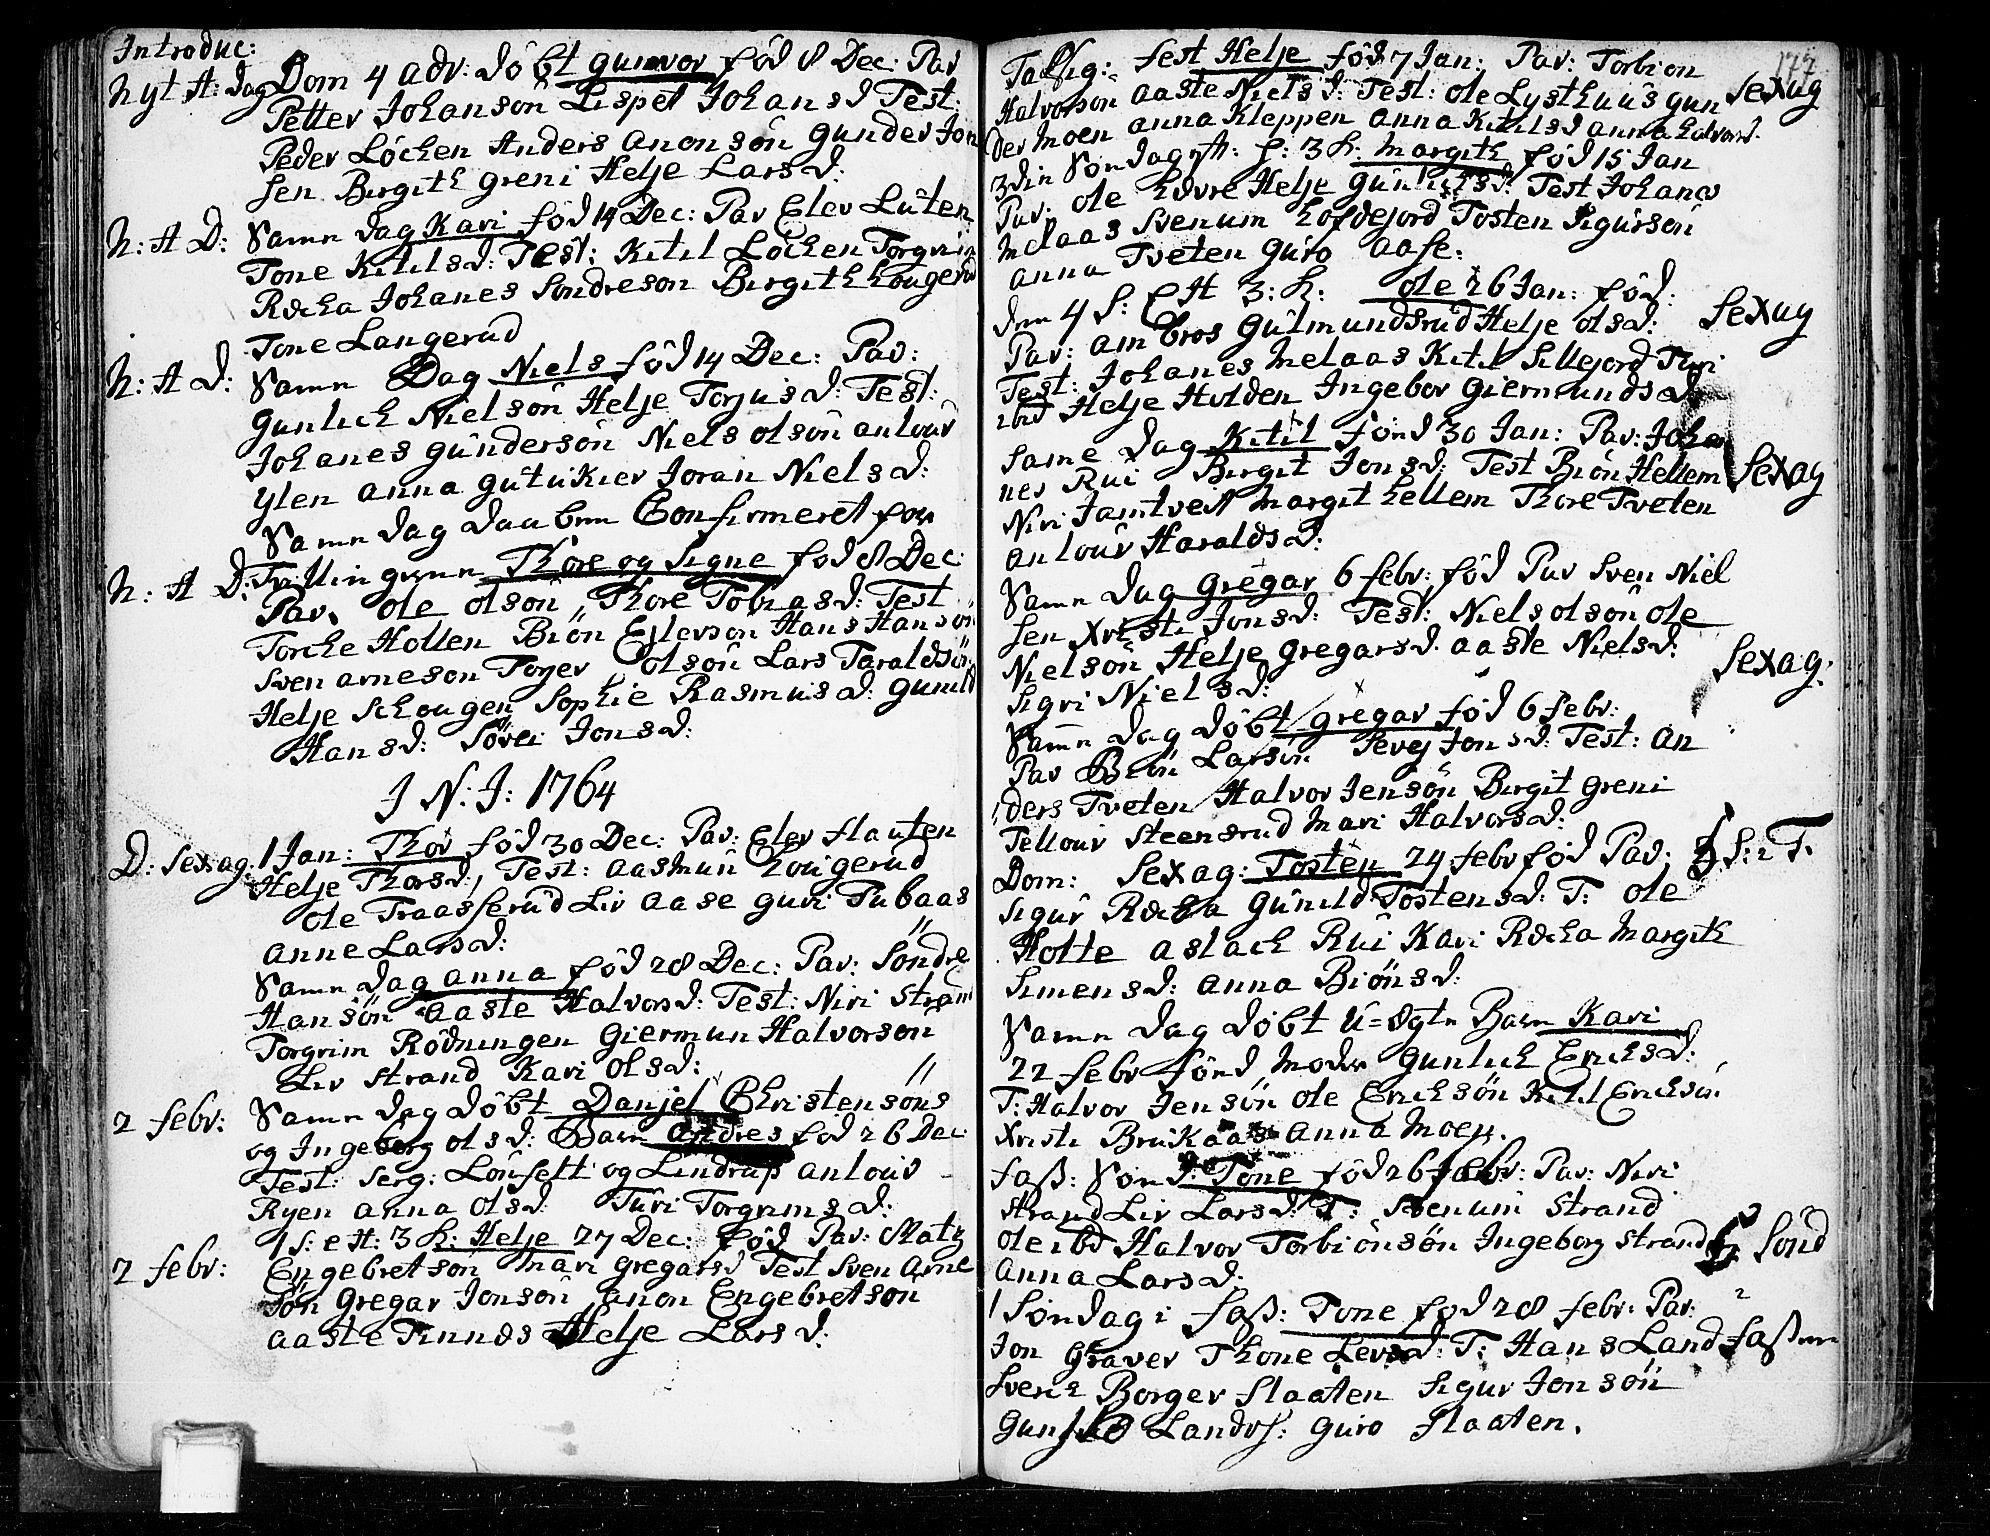 SAKO, Heddal kirkebøker, F/Fa/L0003: Ministerialbok nr. I 3, 1723-1783, s. 177